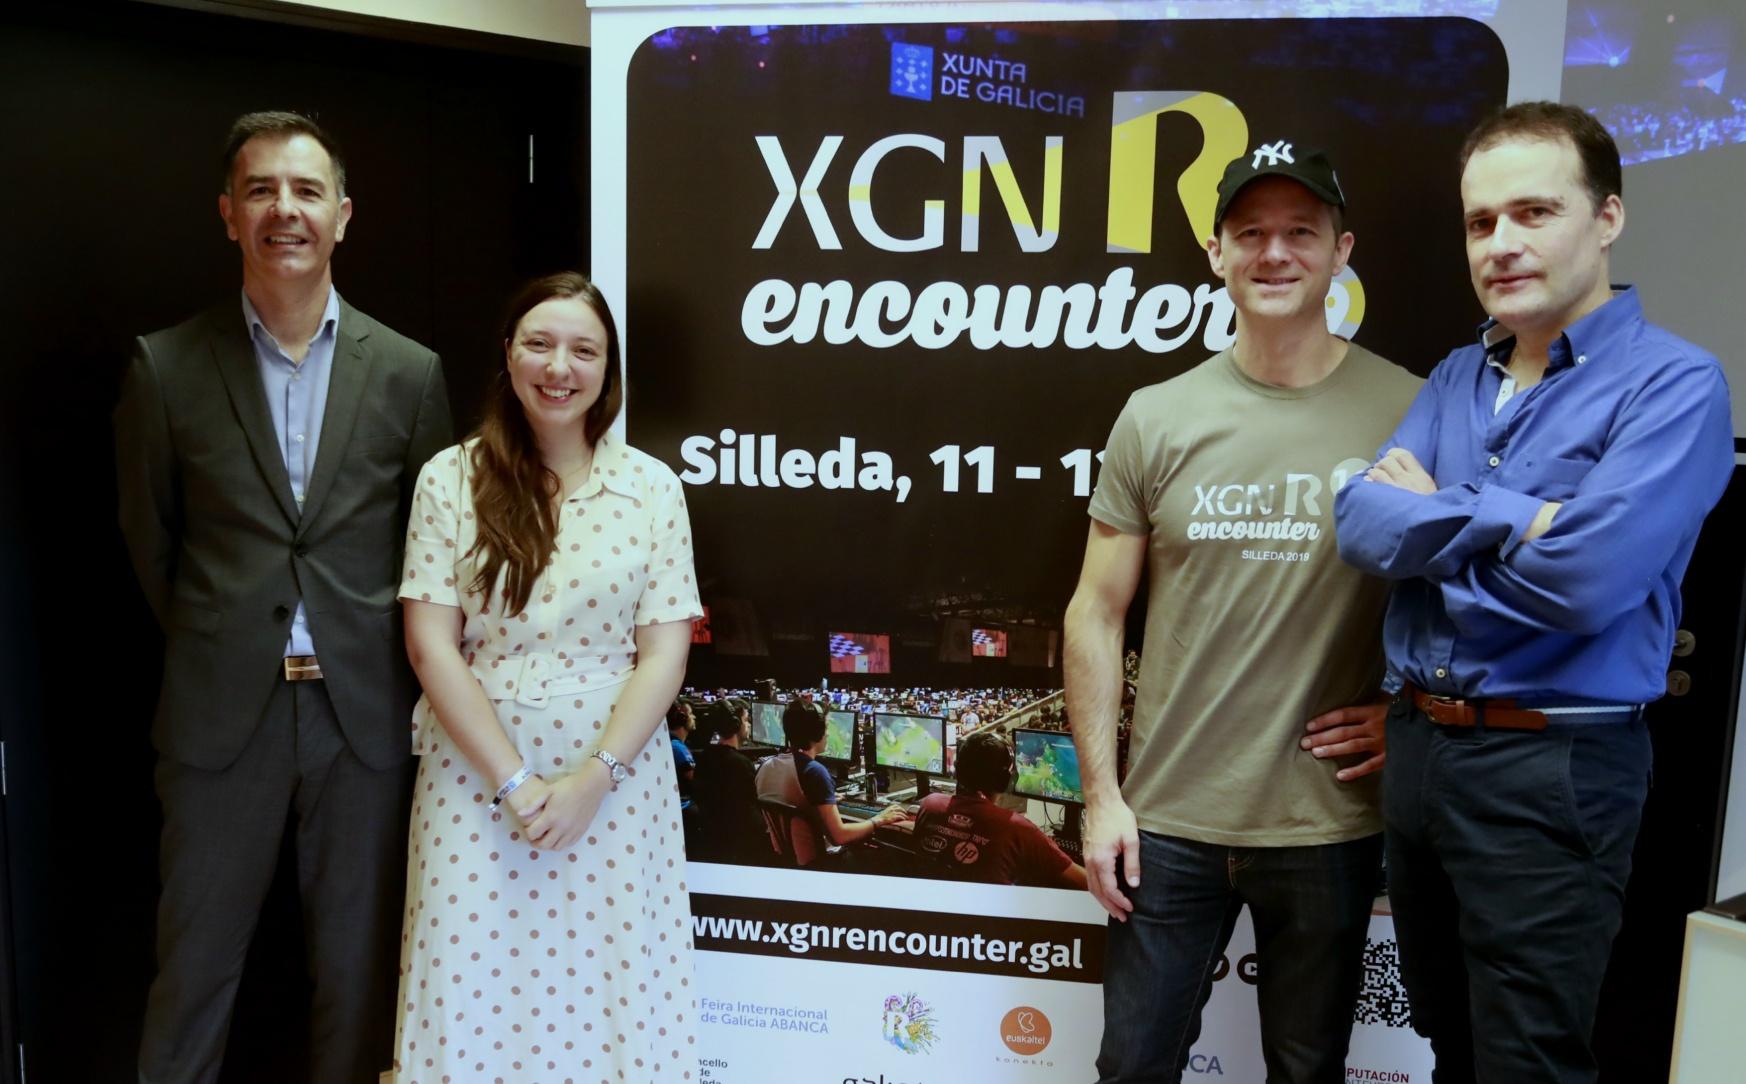 Presentación da 19ª edición de Xuventude Galicia Net (XGN) R Encounter.